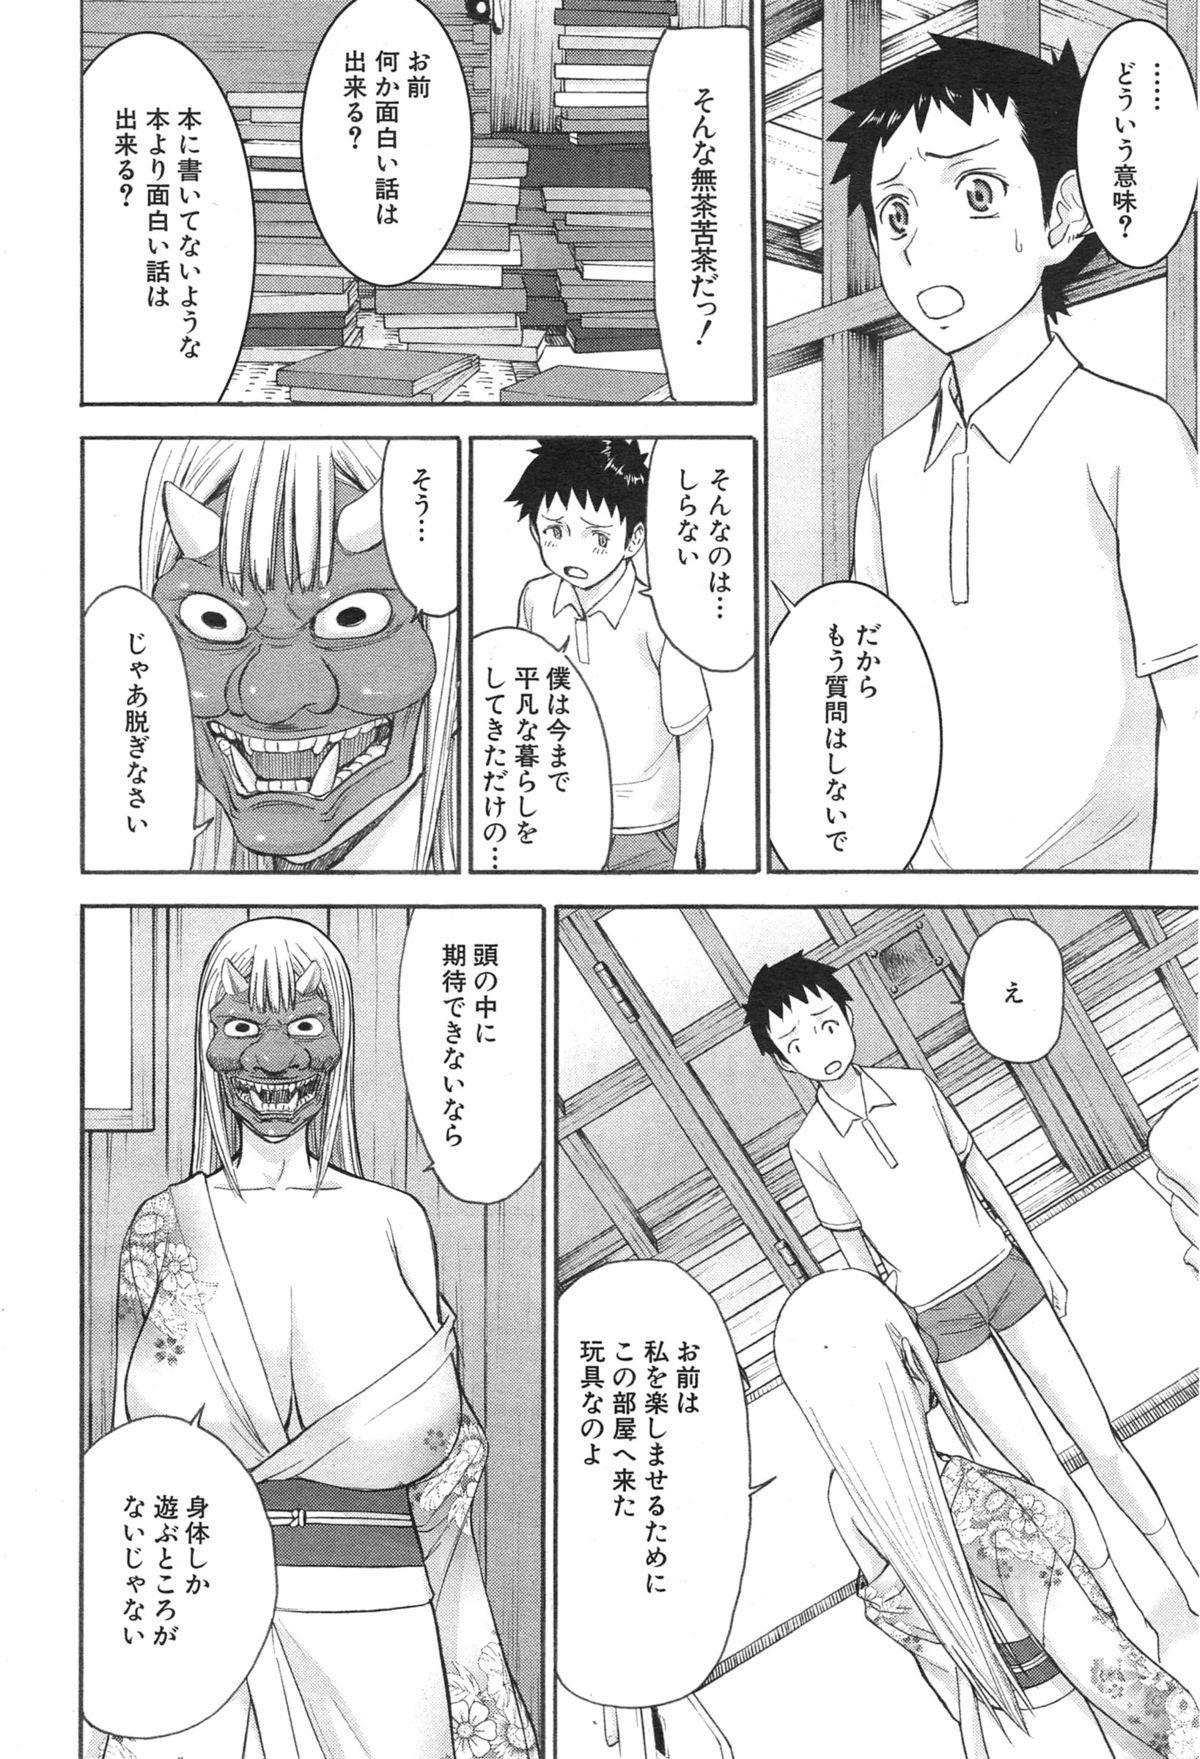 Zashikihime no Omocha Ch. 1-2 41